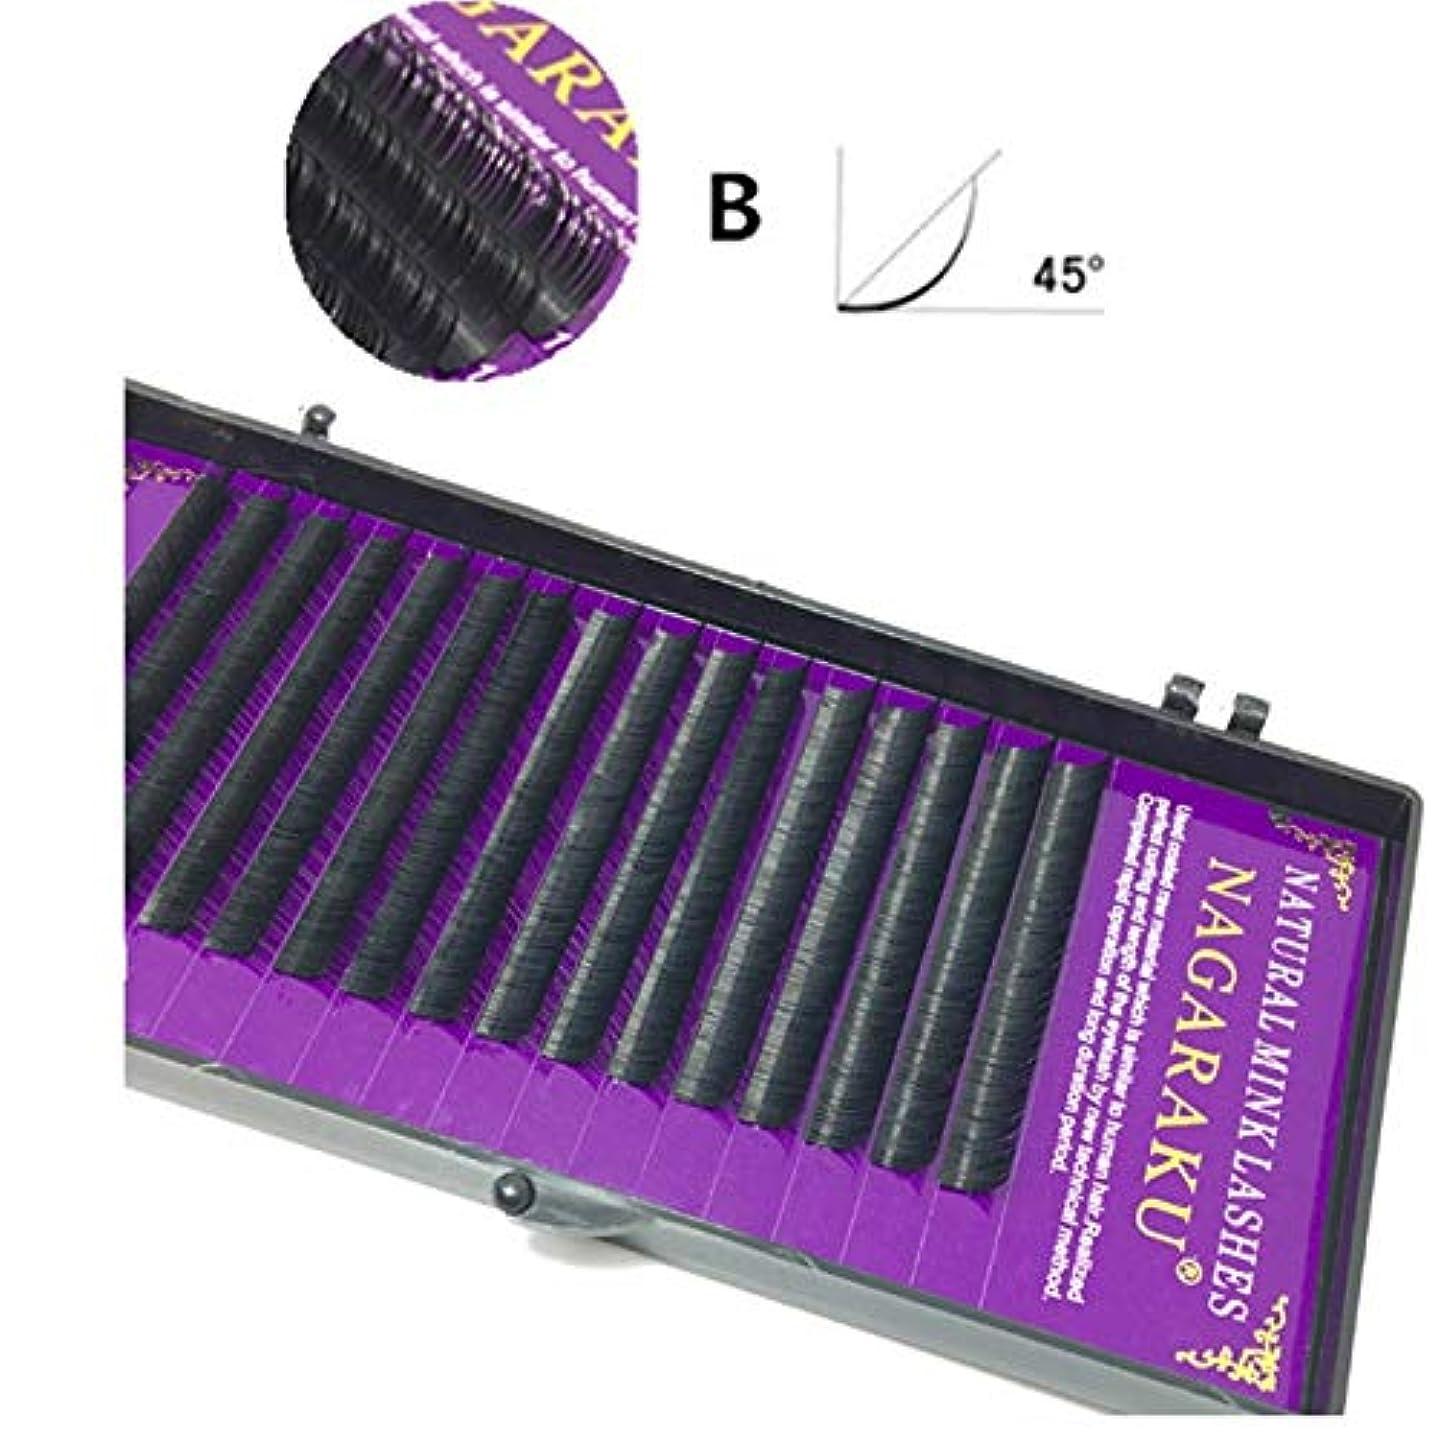 艦隊嫌がる厳密に美容アクセサリー 16行ナチュラルメイクまつ毛黒つけまつげアイまつげエクステンションツール、カール:B、厚さ:0.10 mm(8 mm) 写真美容アクセサリー (色 : 10mm)